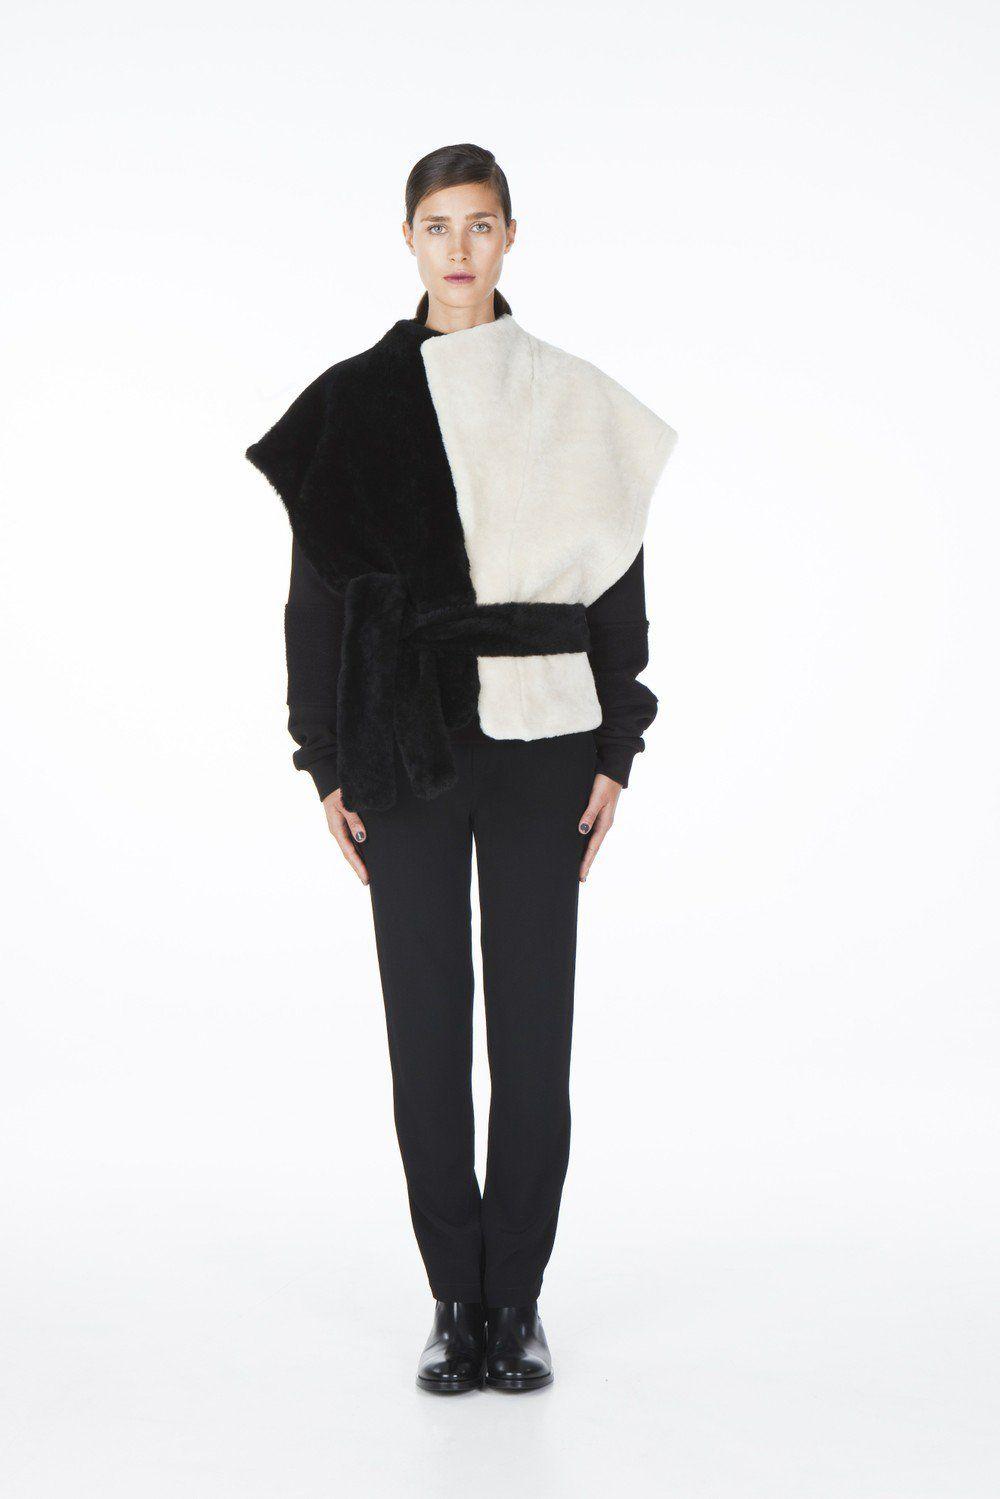 ONAR Ipek vest black